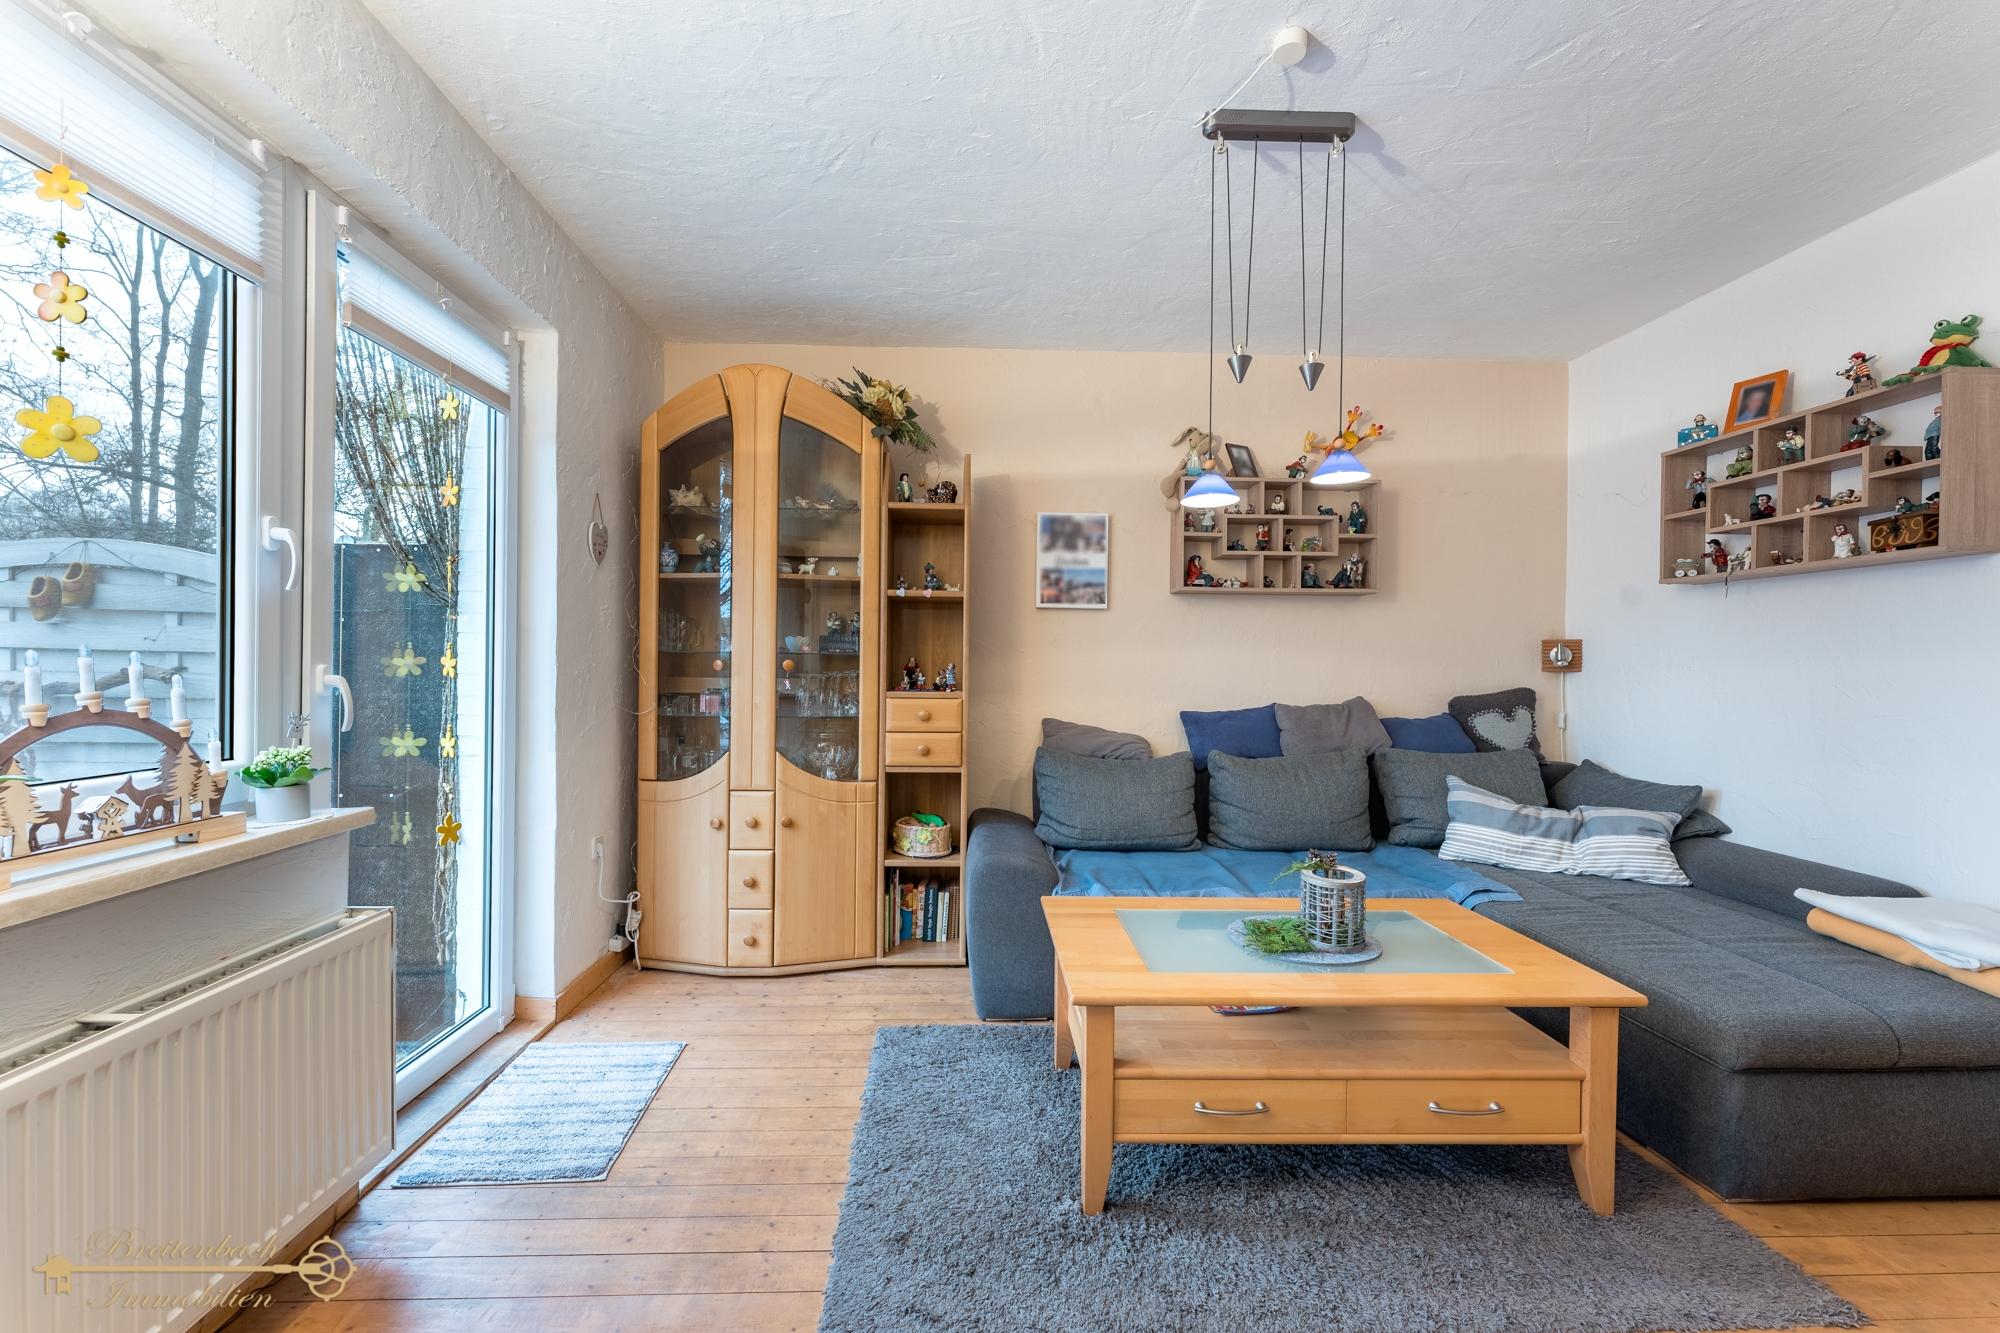 2020-11-29-Breitenbach-Immobilien-11